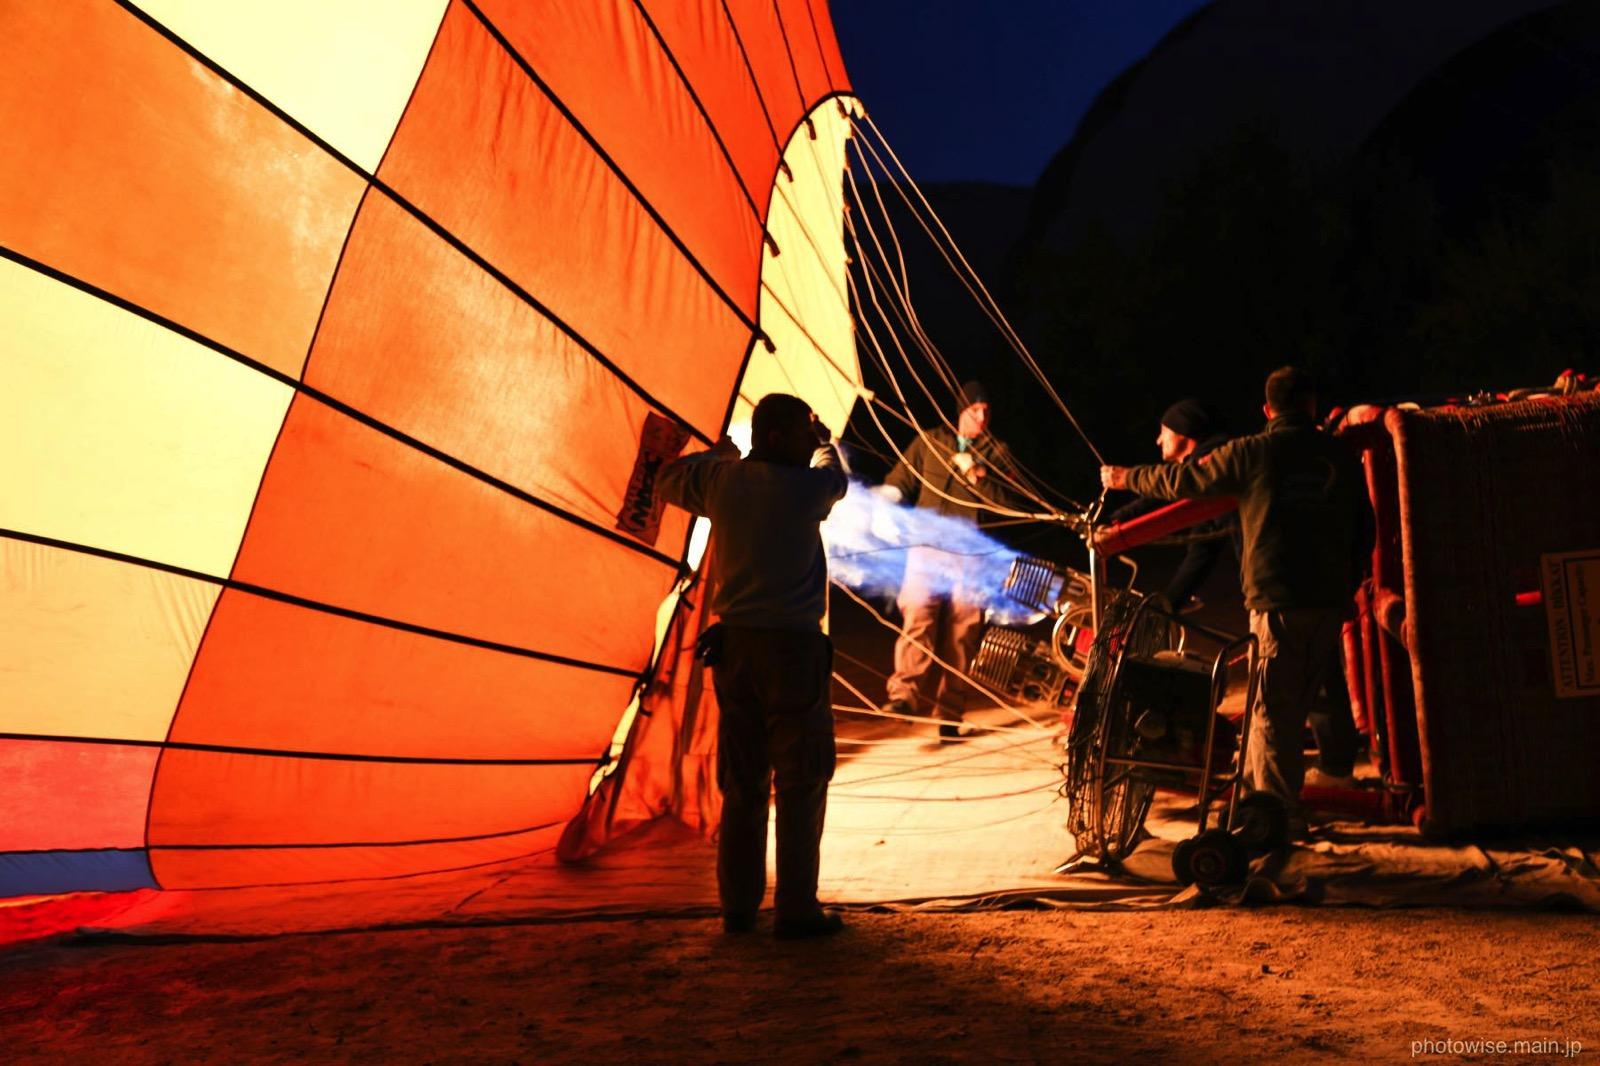 気球の準備